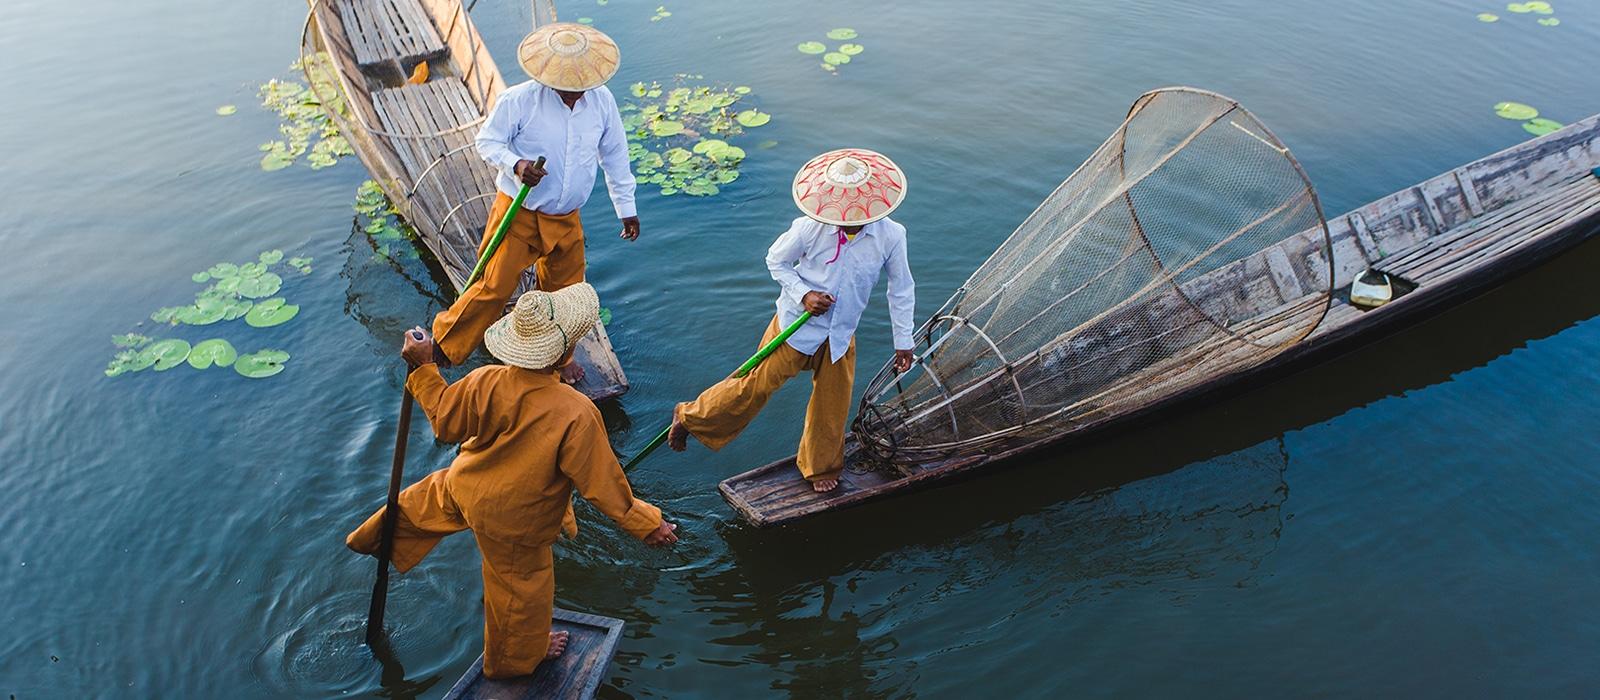 Voyage organisé en petit groupe - Lac Inle - Myanmar - Agence de voyage Les Routes du Monde